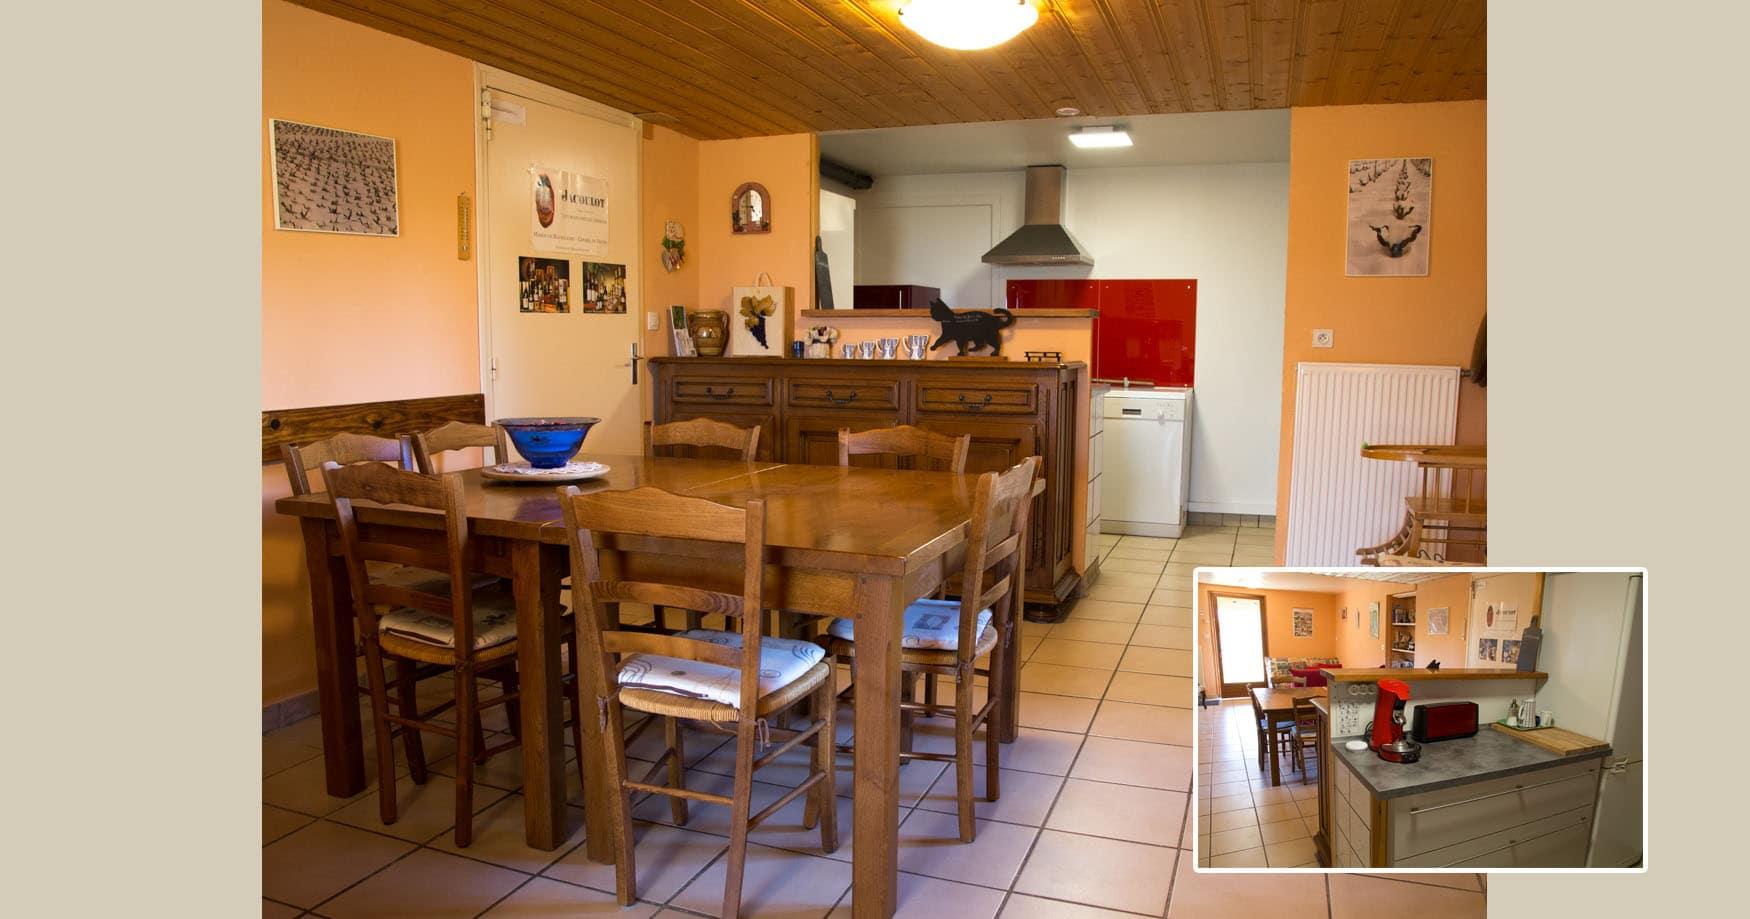 Cuarto - Le Raisin Bleu - casa rural de vacaciones en Beaujolais